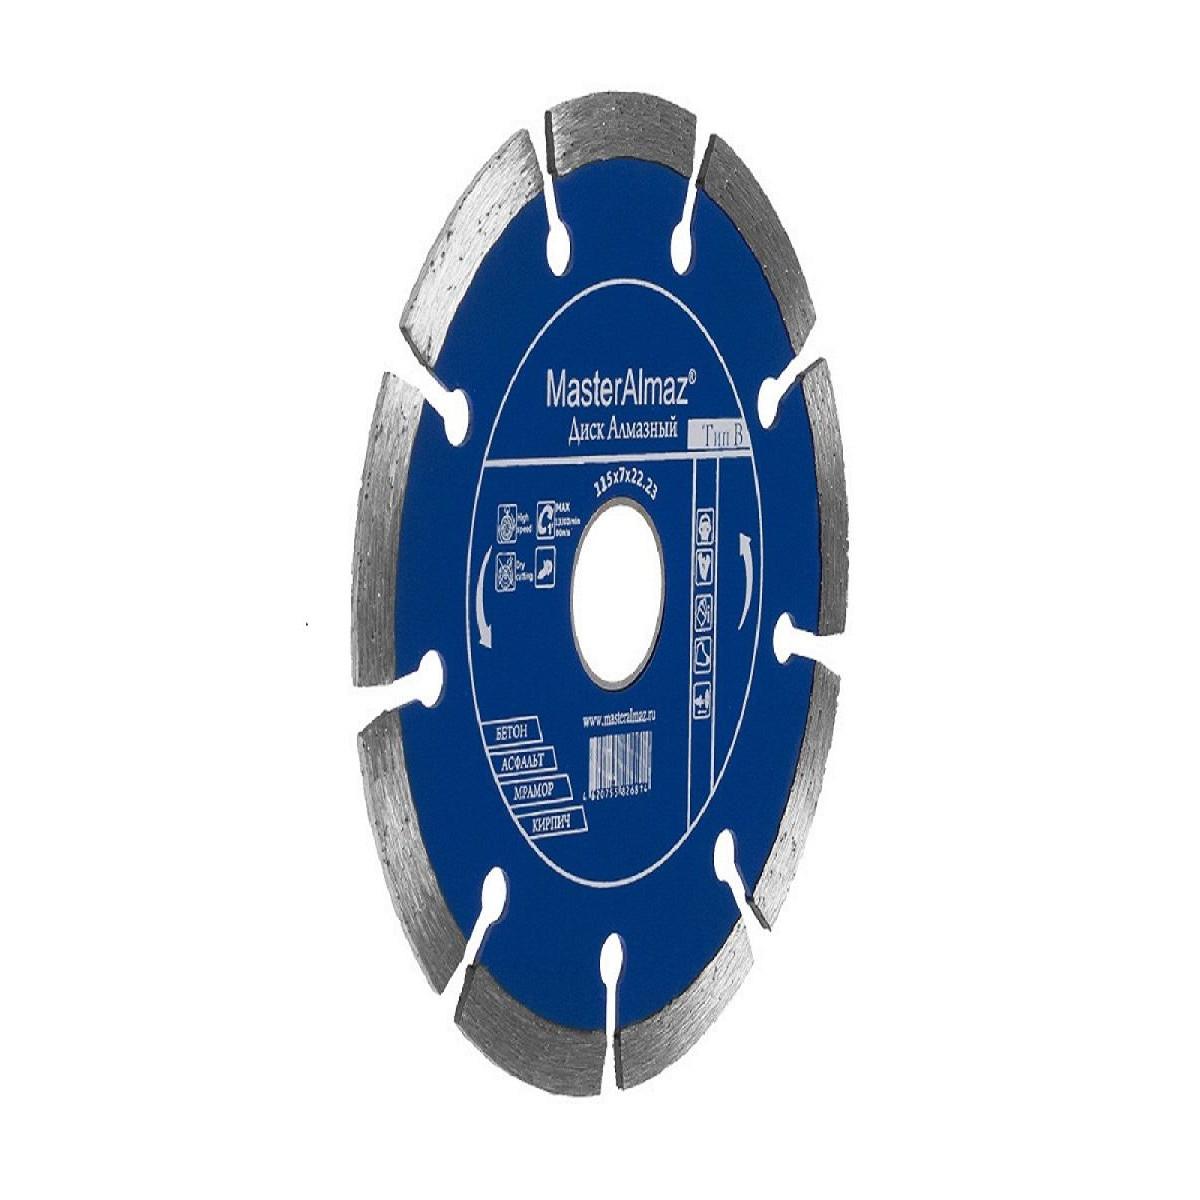 Диск Алмазный Мастералмаз Standard (Тип В) 115Х7Х2223 По Бетону Сегментный